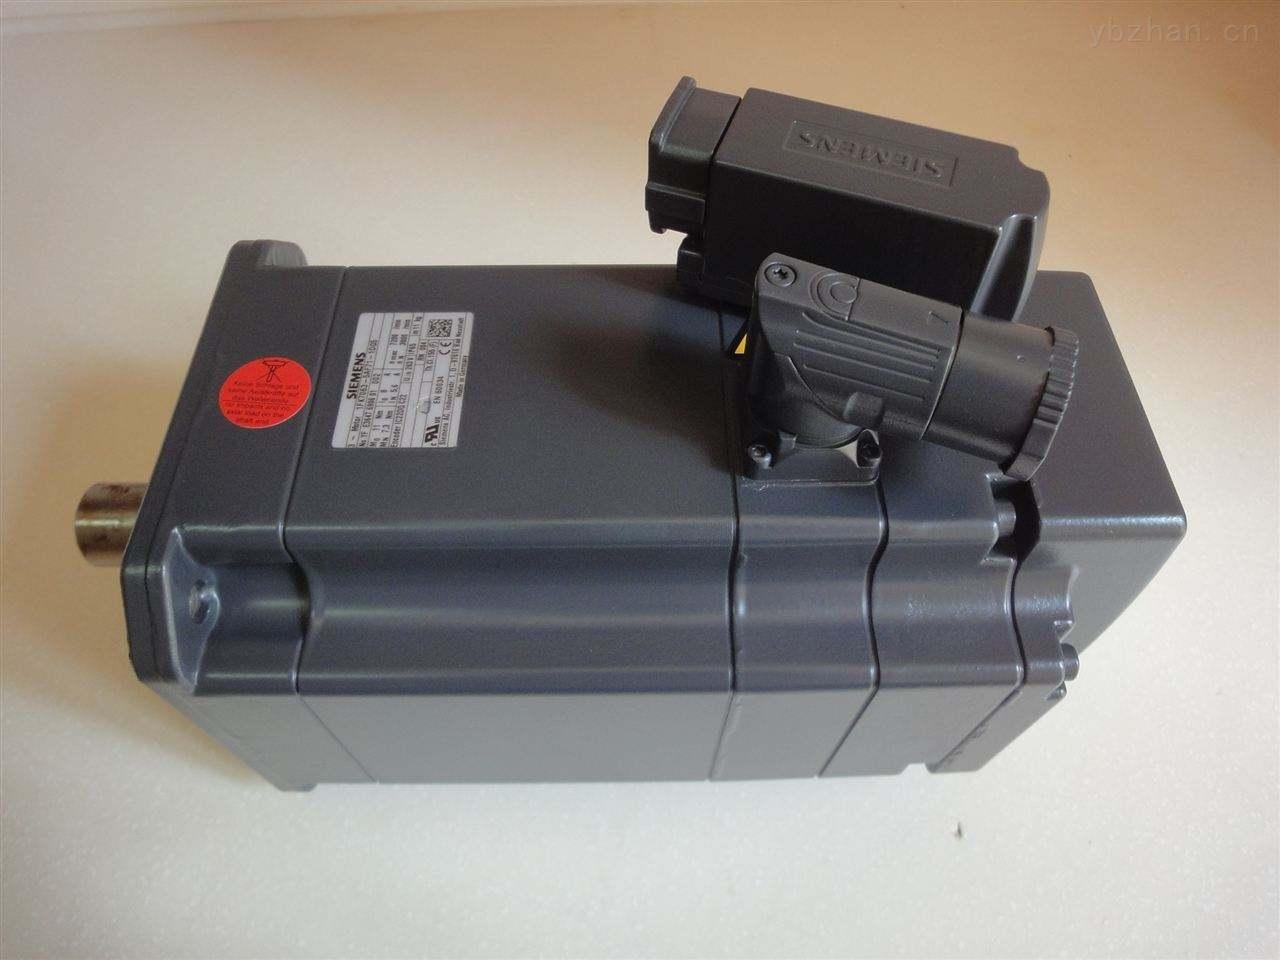 合肥西门子840D系统龙门铣伺服电机维修公司-当天检测提供维修